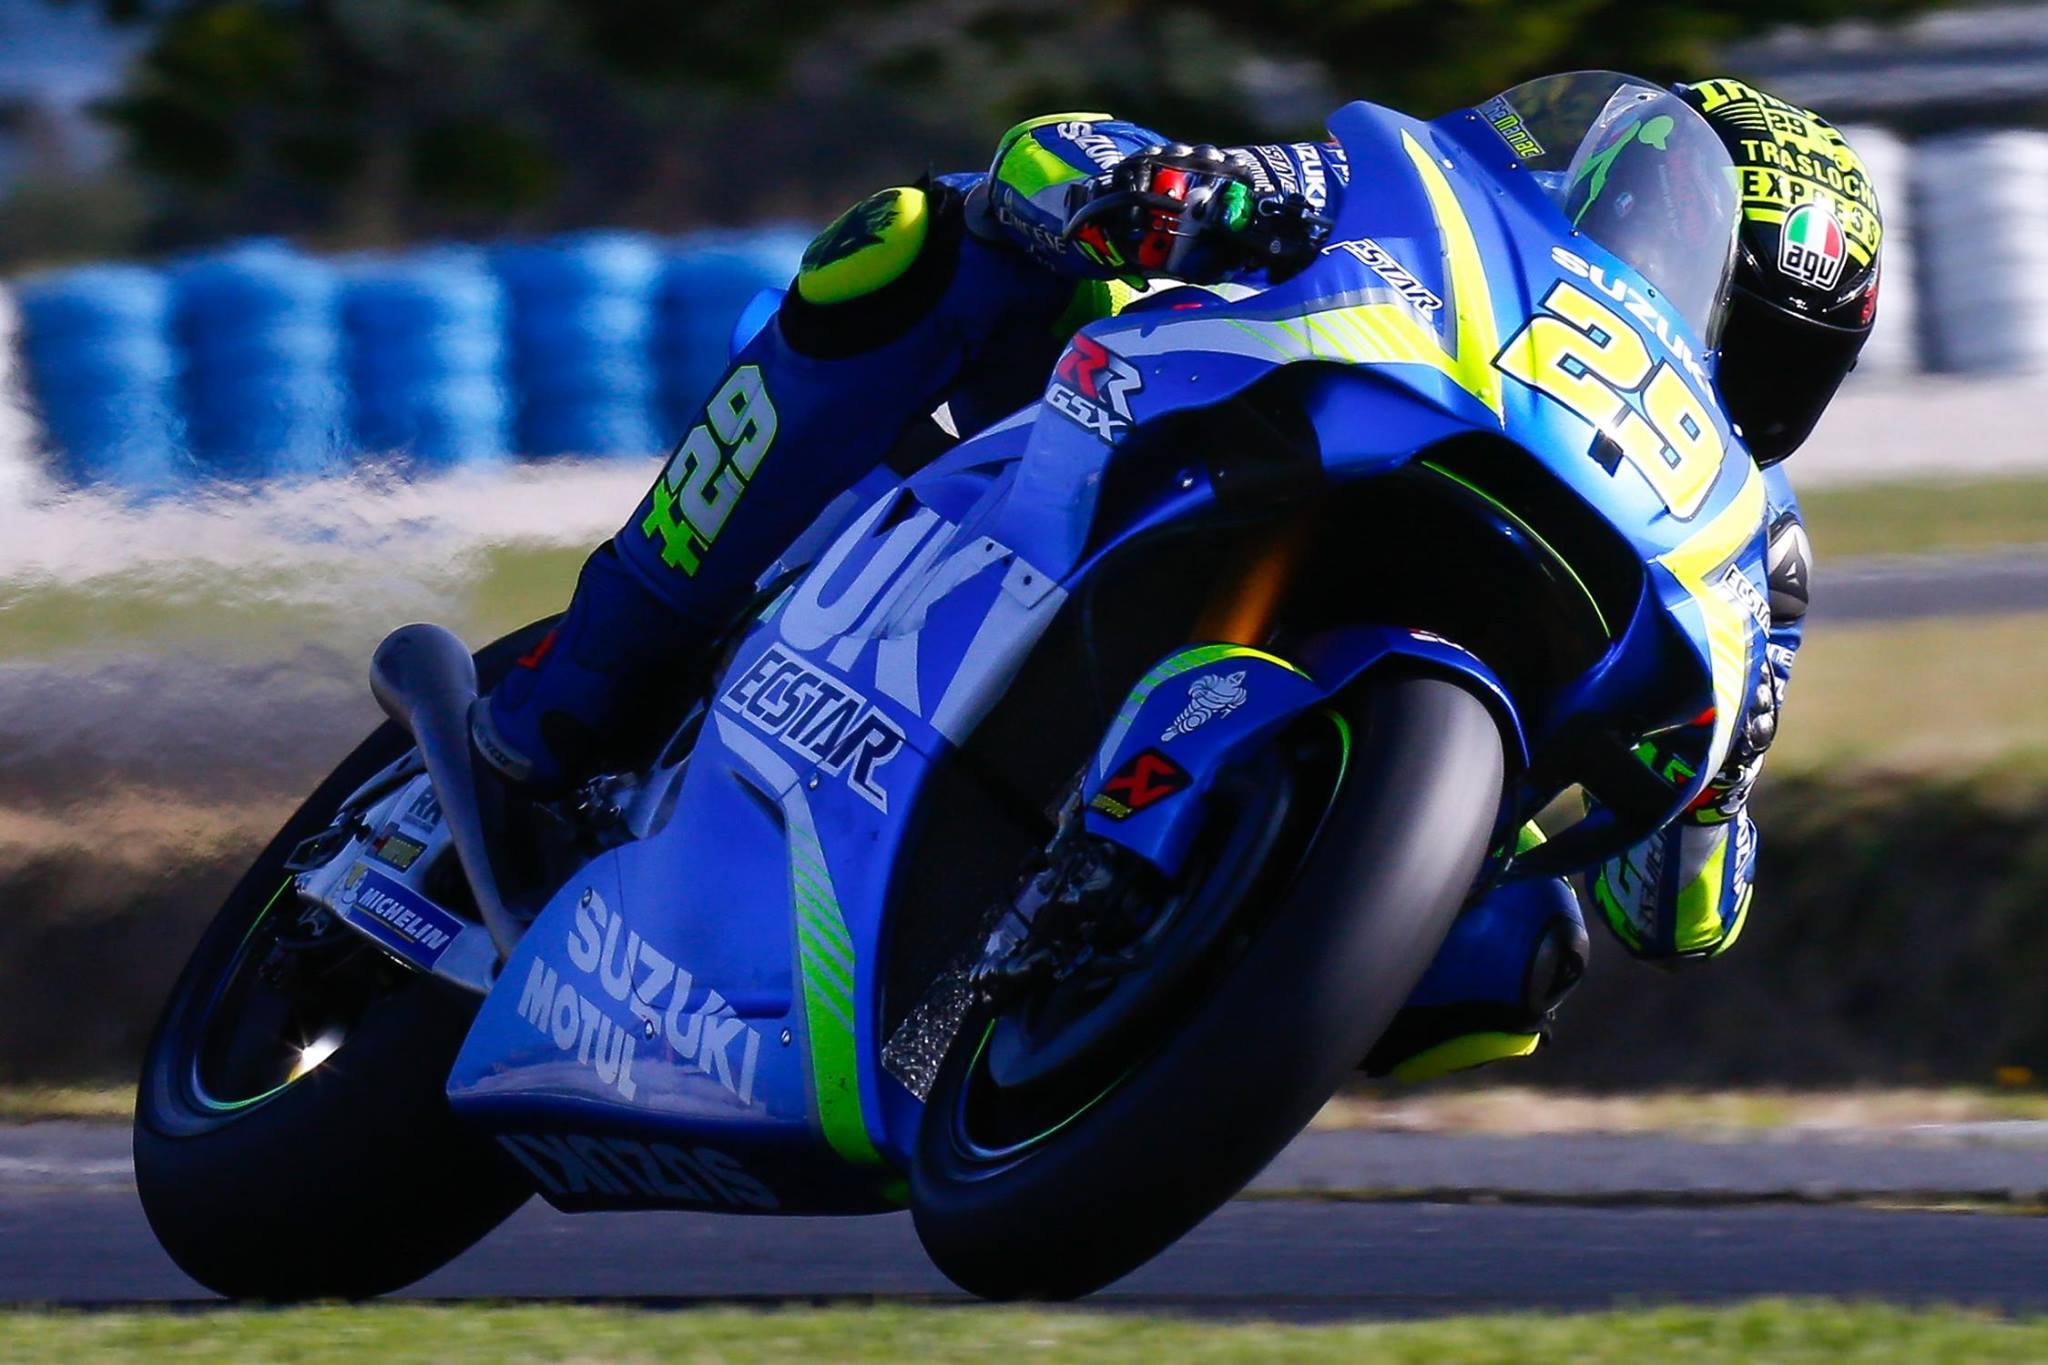 Alerones en MotoGP, turno de Suzuki y Aprilia con carenado de doble pared